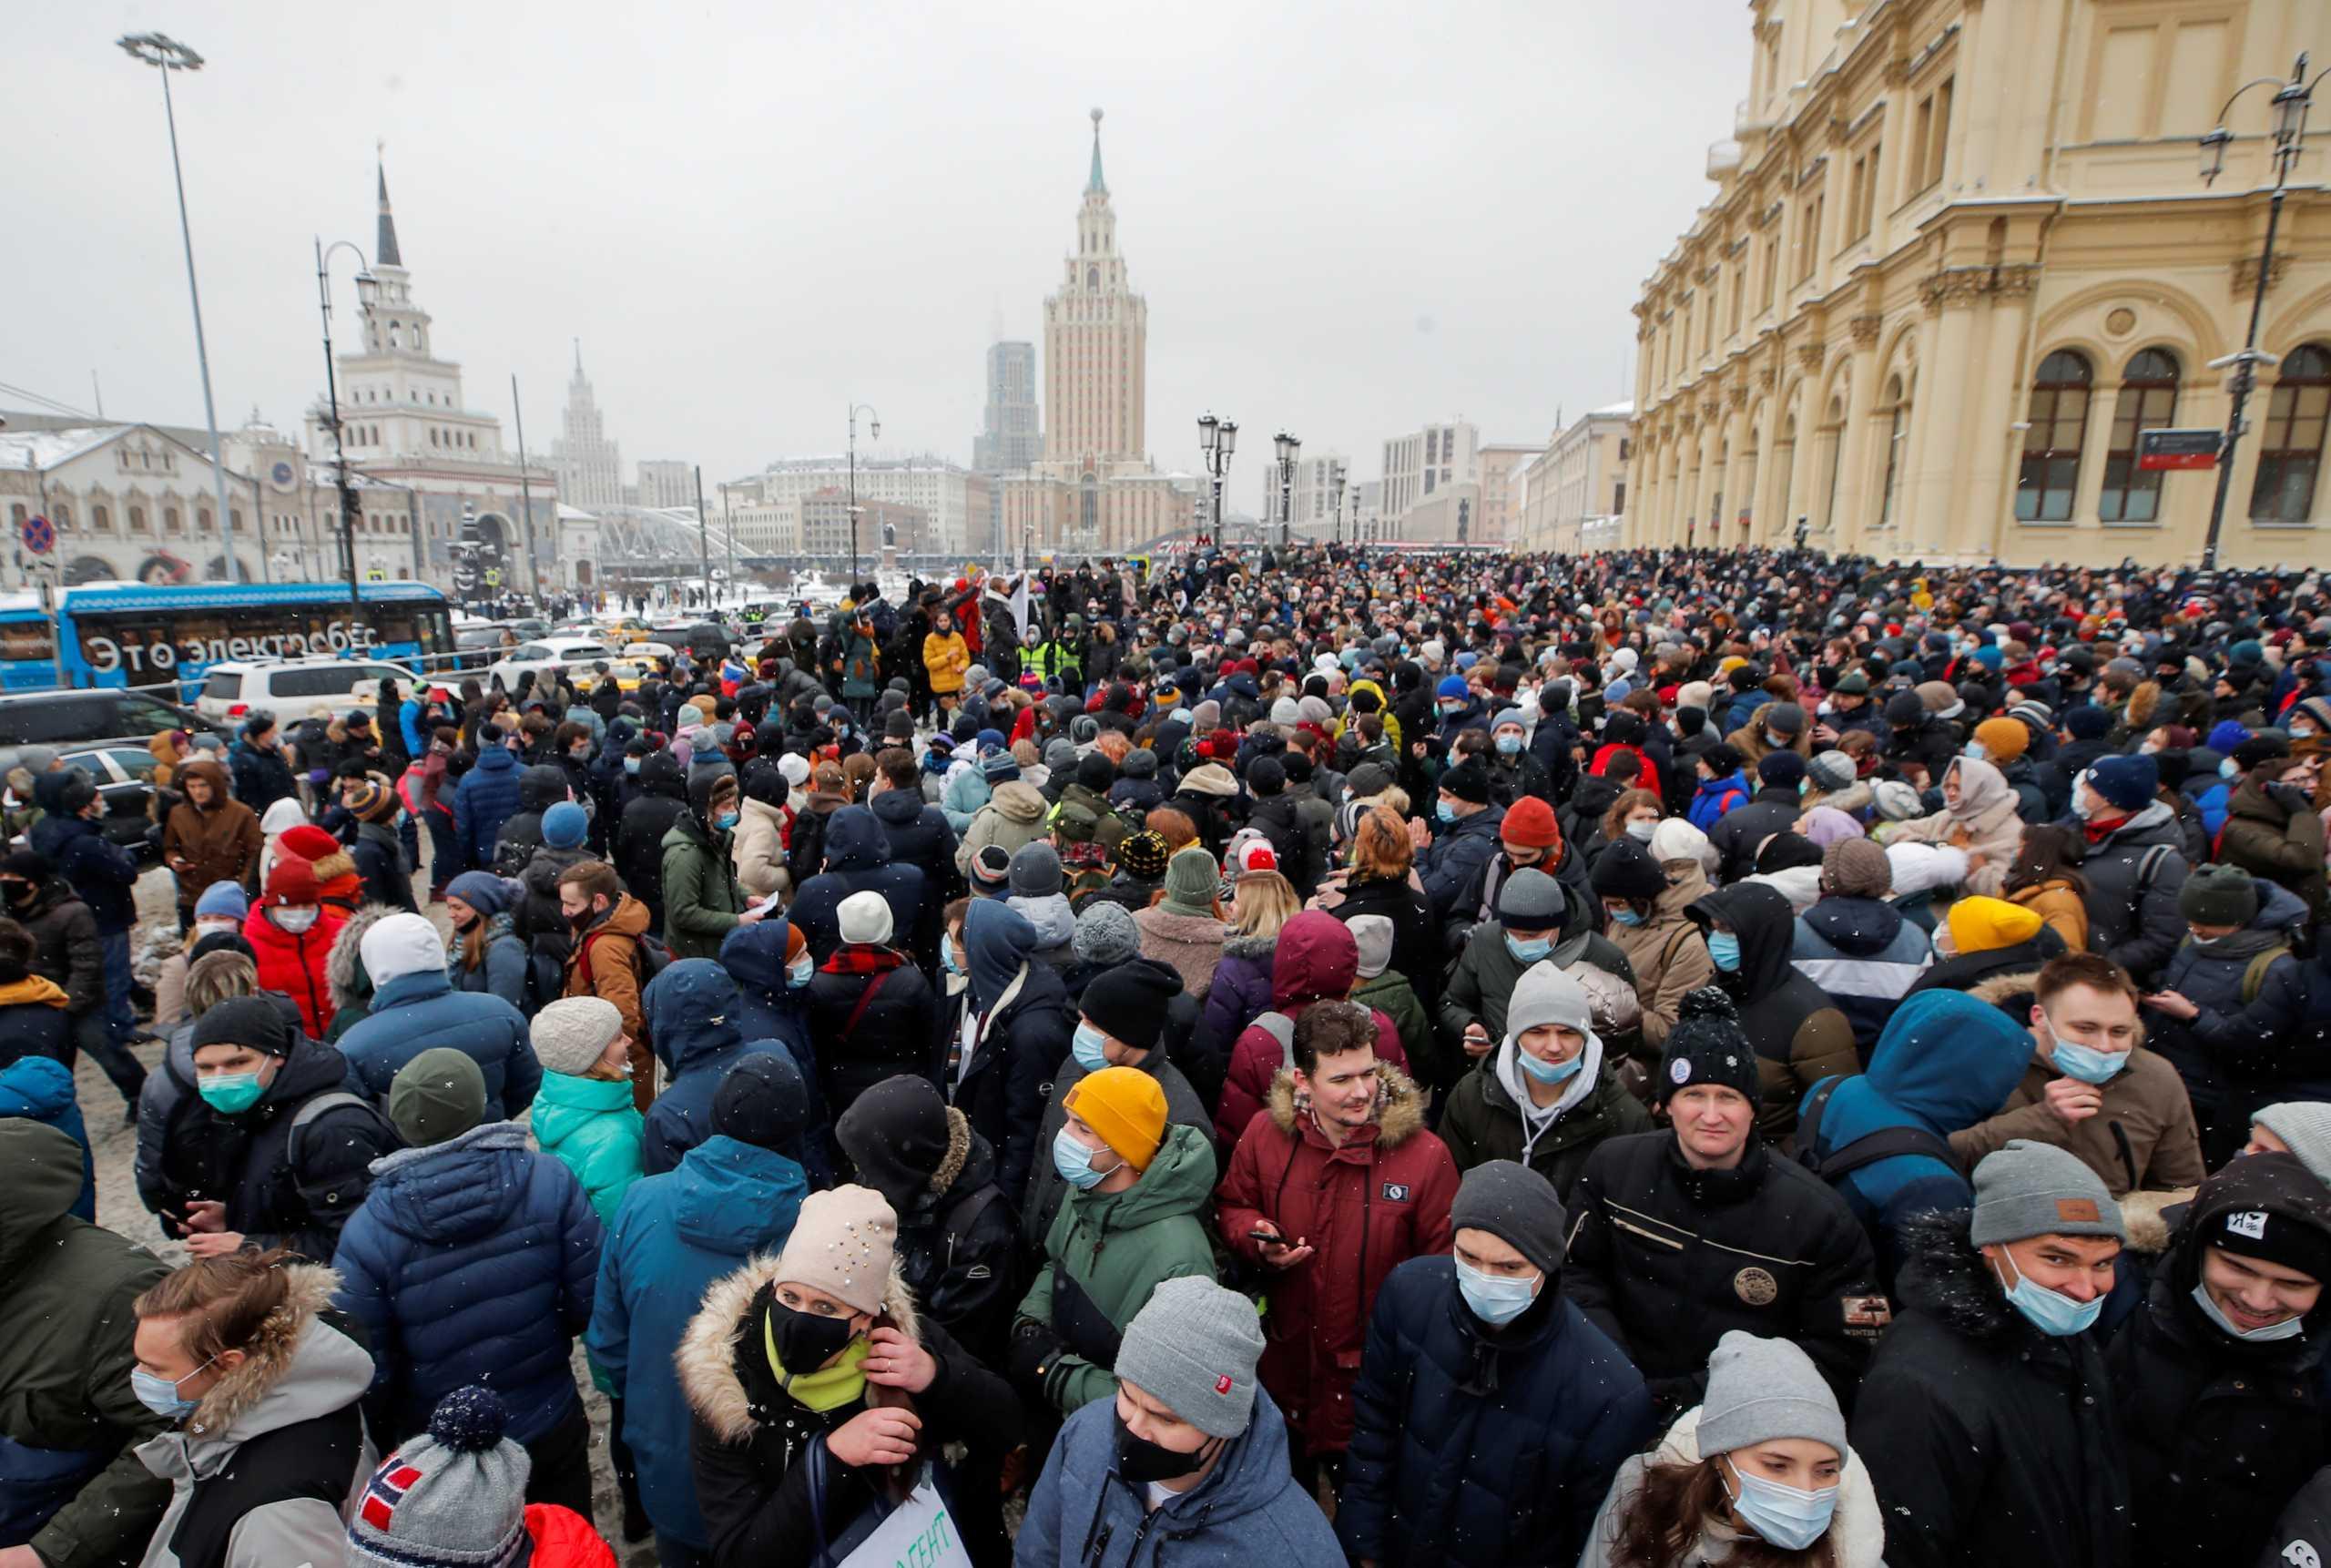 Ρωσία: Κατά 304.500 μειώθηκε ο πληθυσμός της χώρας από τις αρχές του 2021